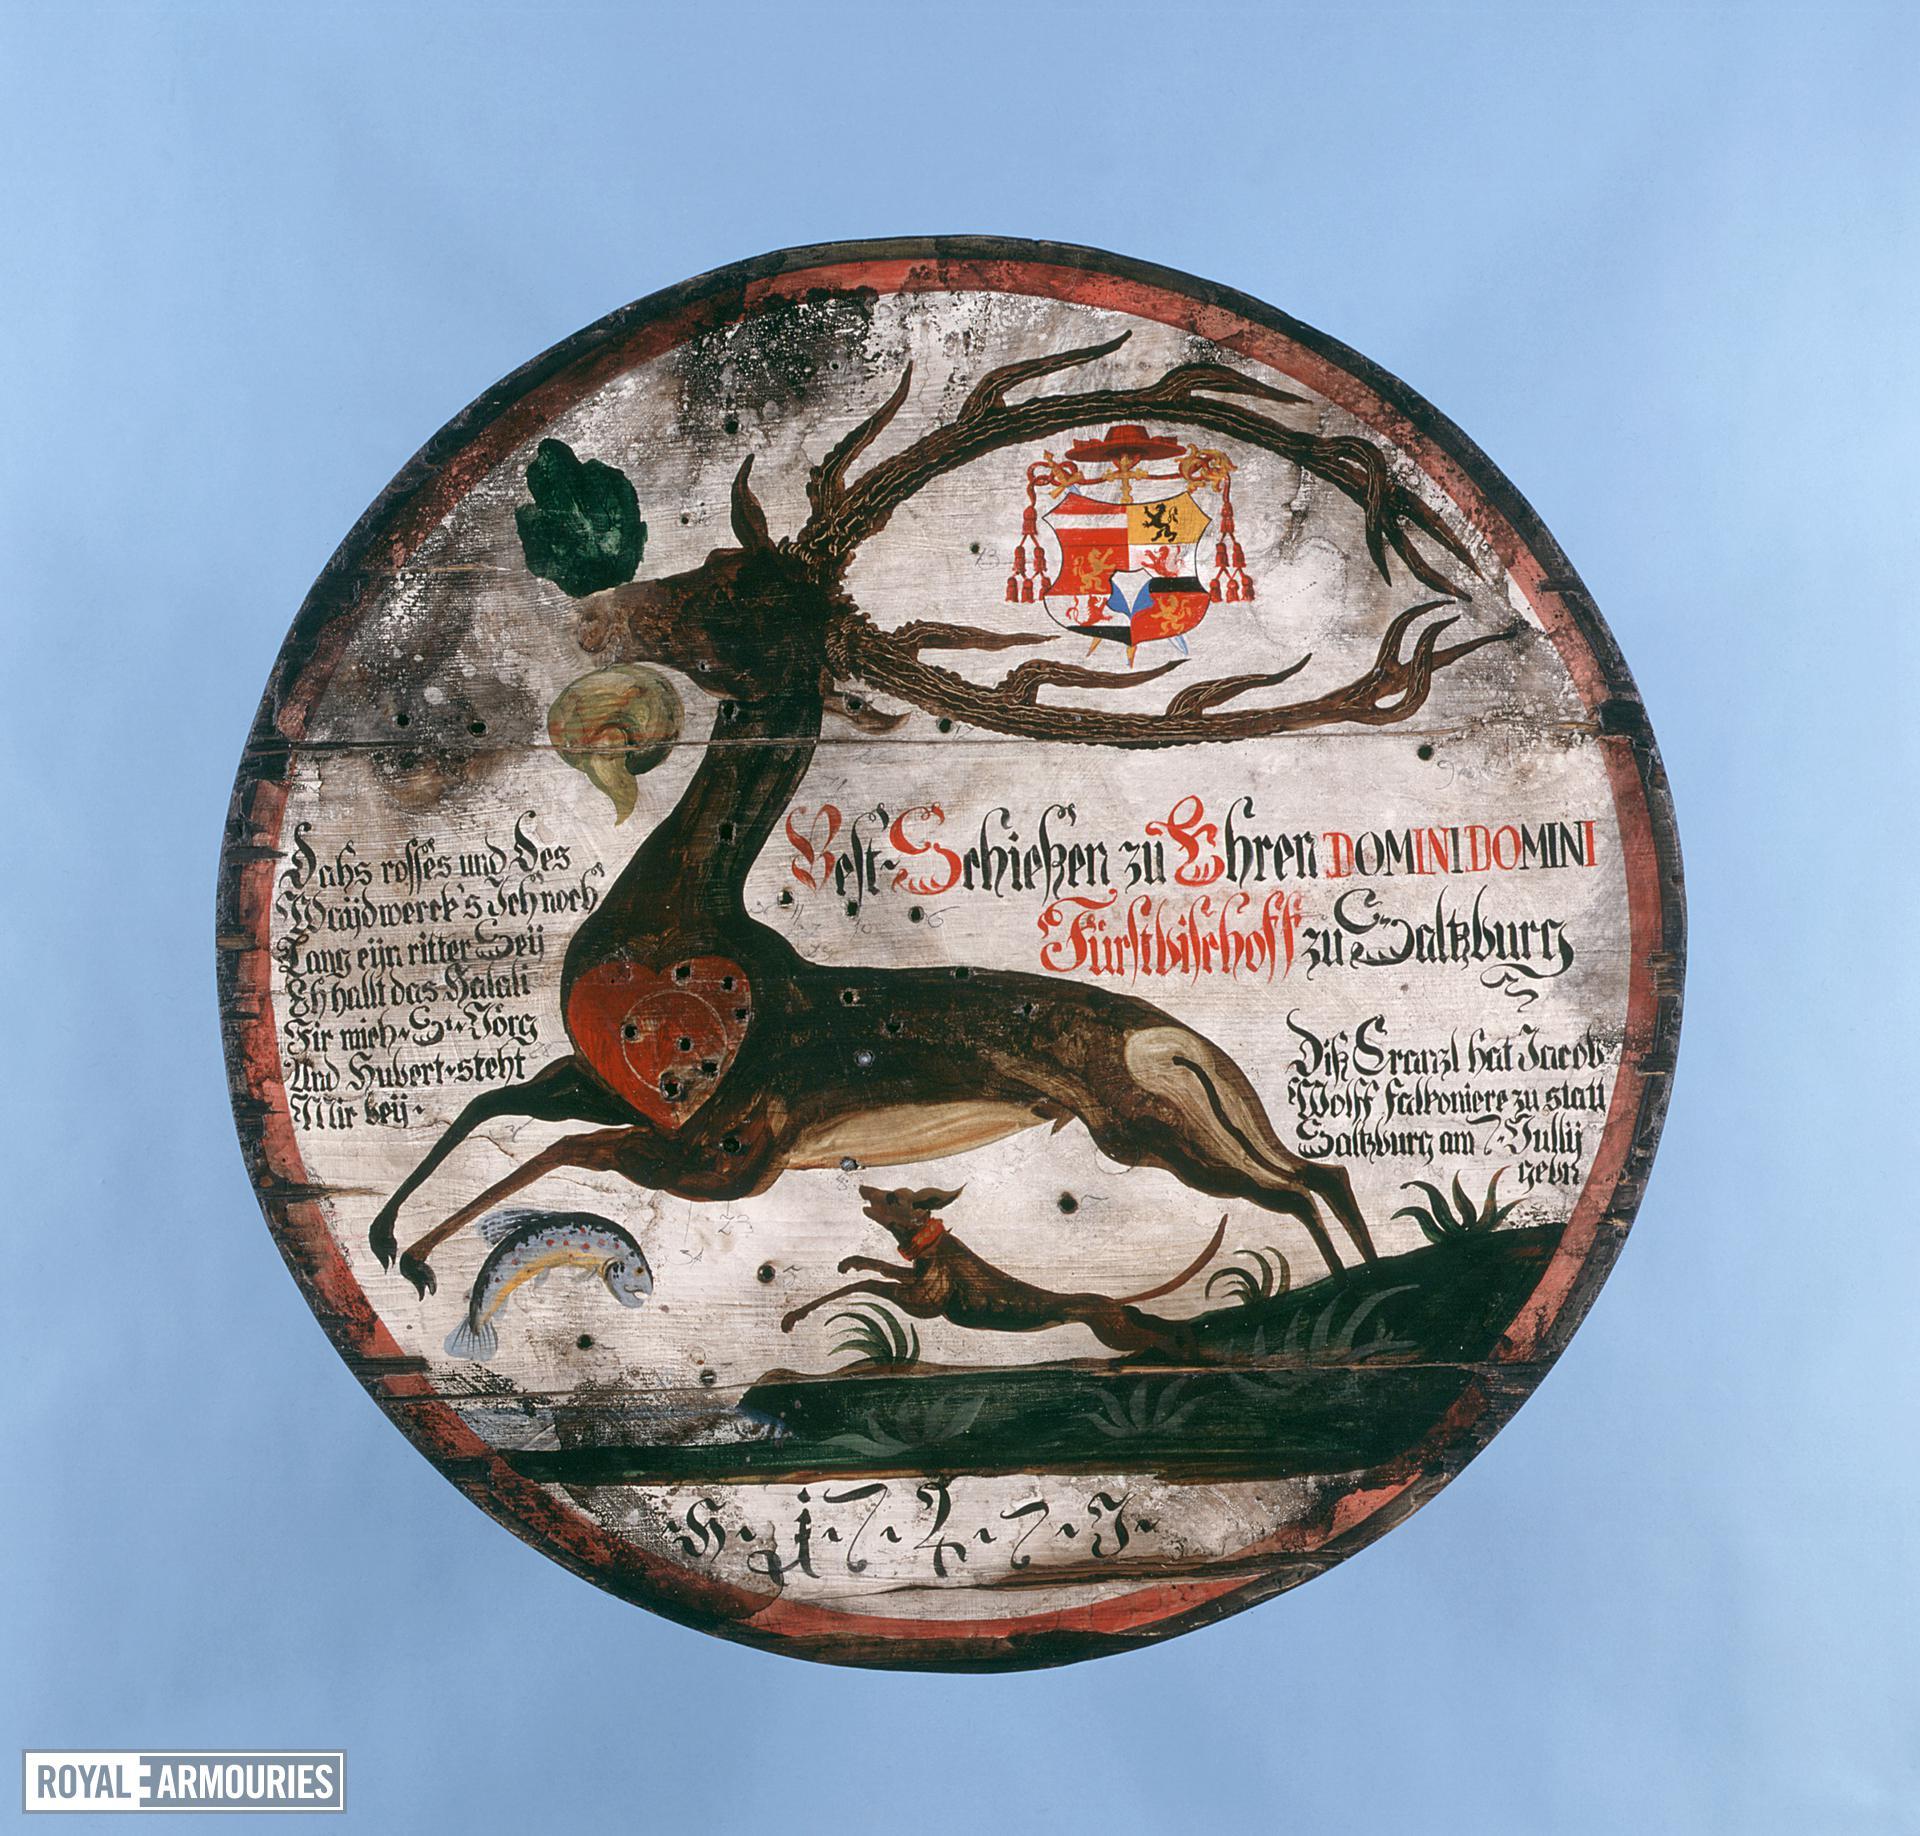 Artistic target Modern copy of an 18th century Schutzen target